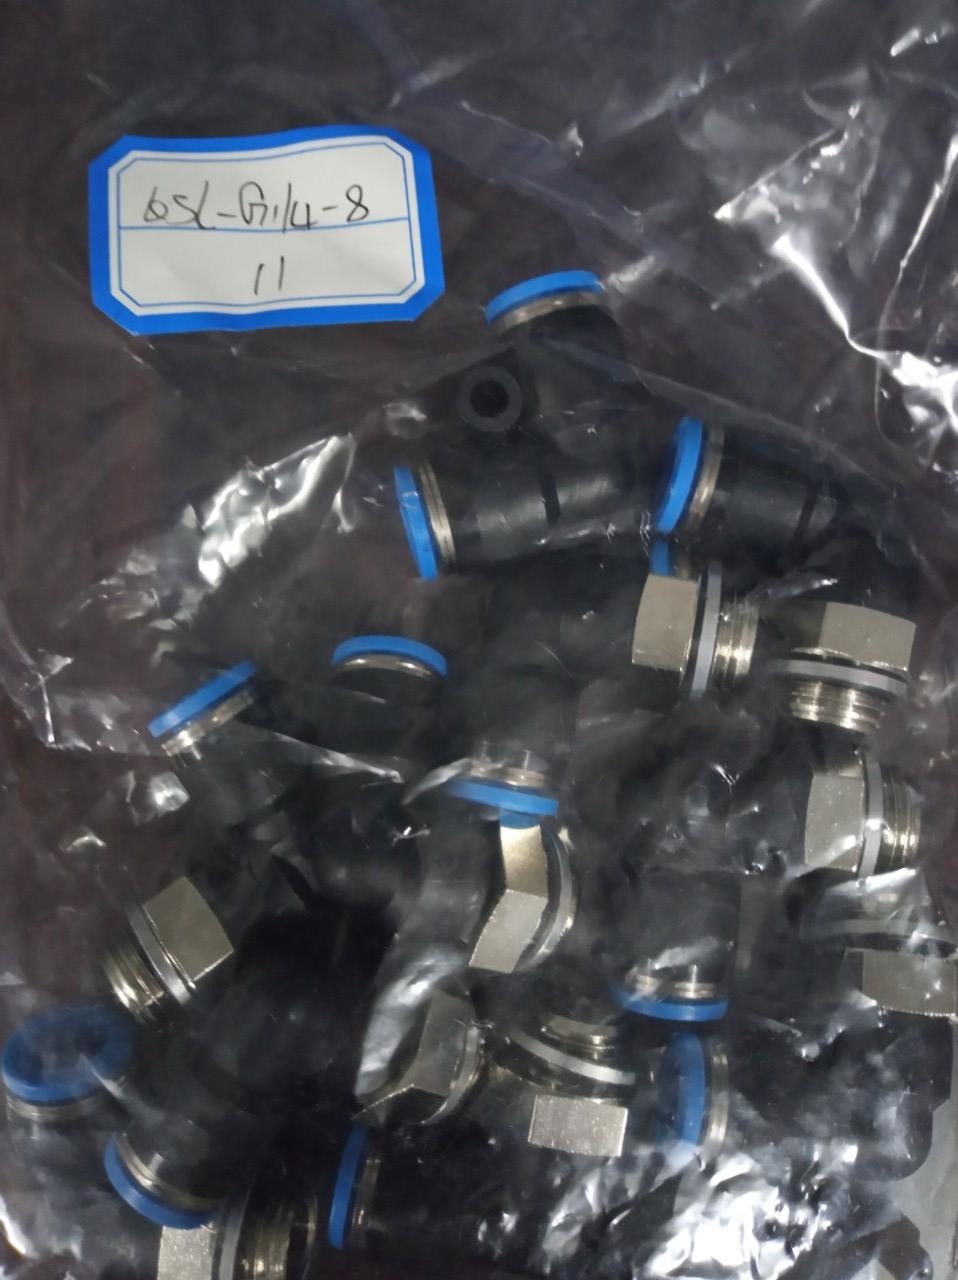 Đầu nối QSL-G1/4-8